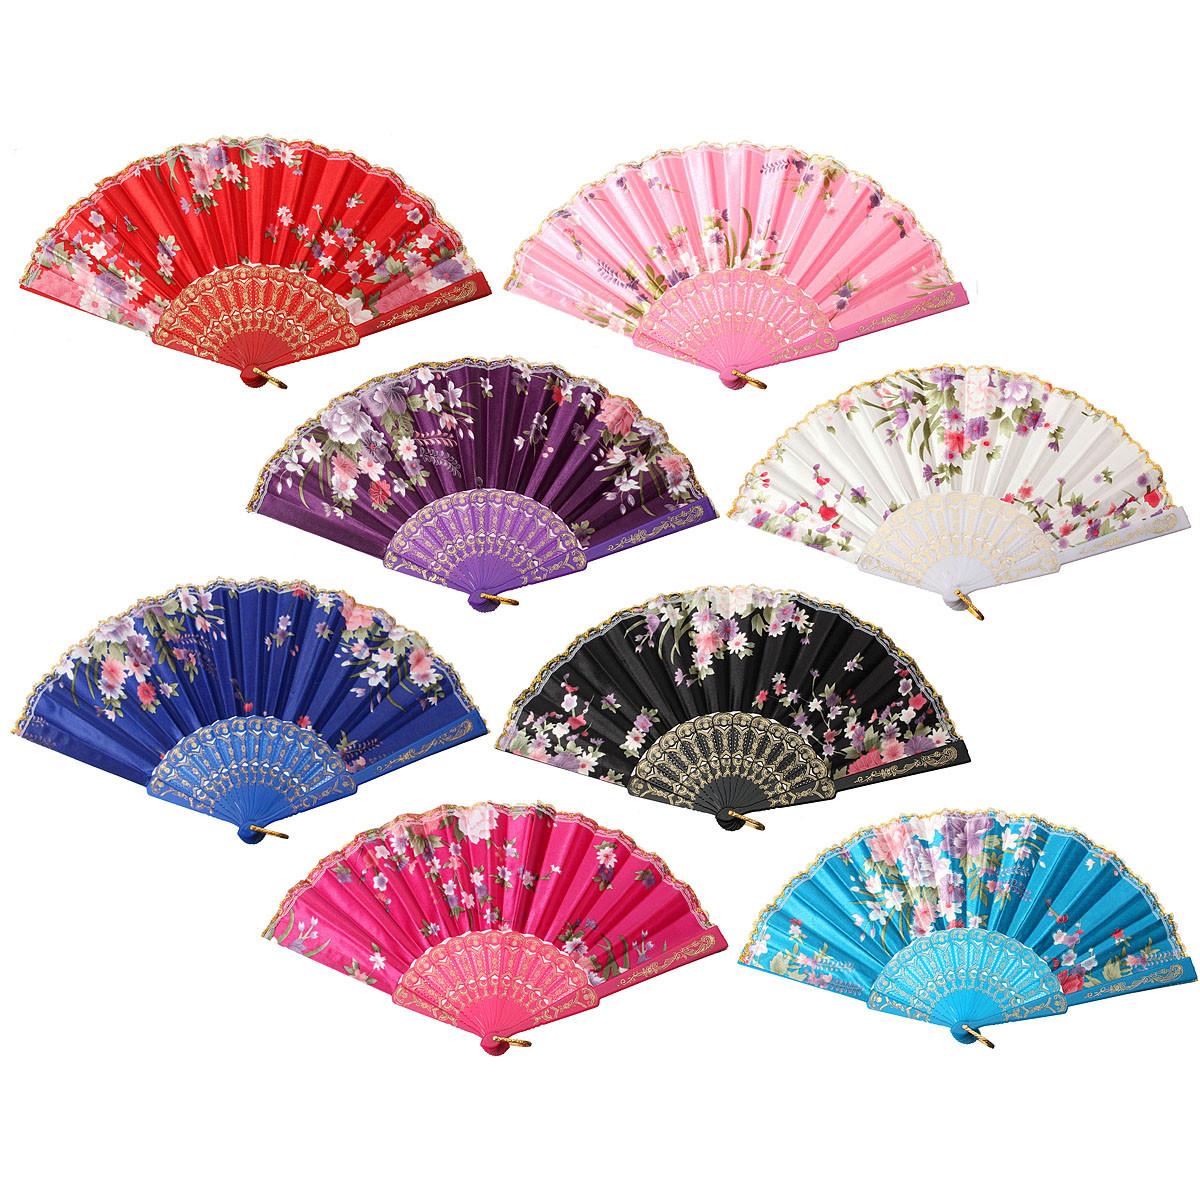 Китайский Японский Кружева Шелковый Складной Ручной Танец Вентилятор Цветочная Вечеринка Свадебное Подарок